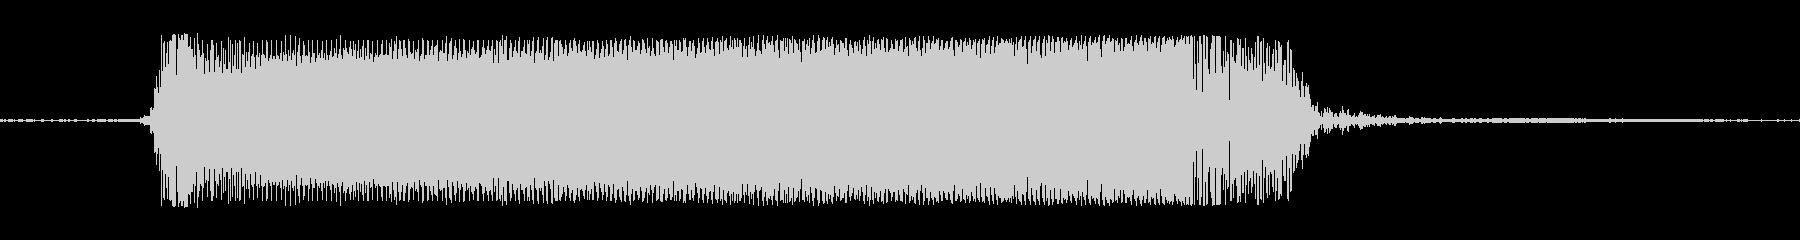 ギターメタルパワーコードzvの未再生の波形